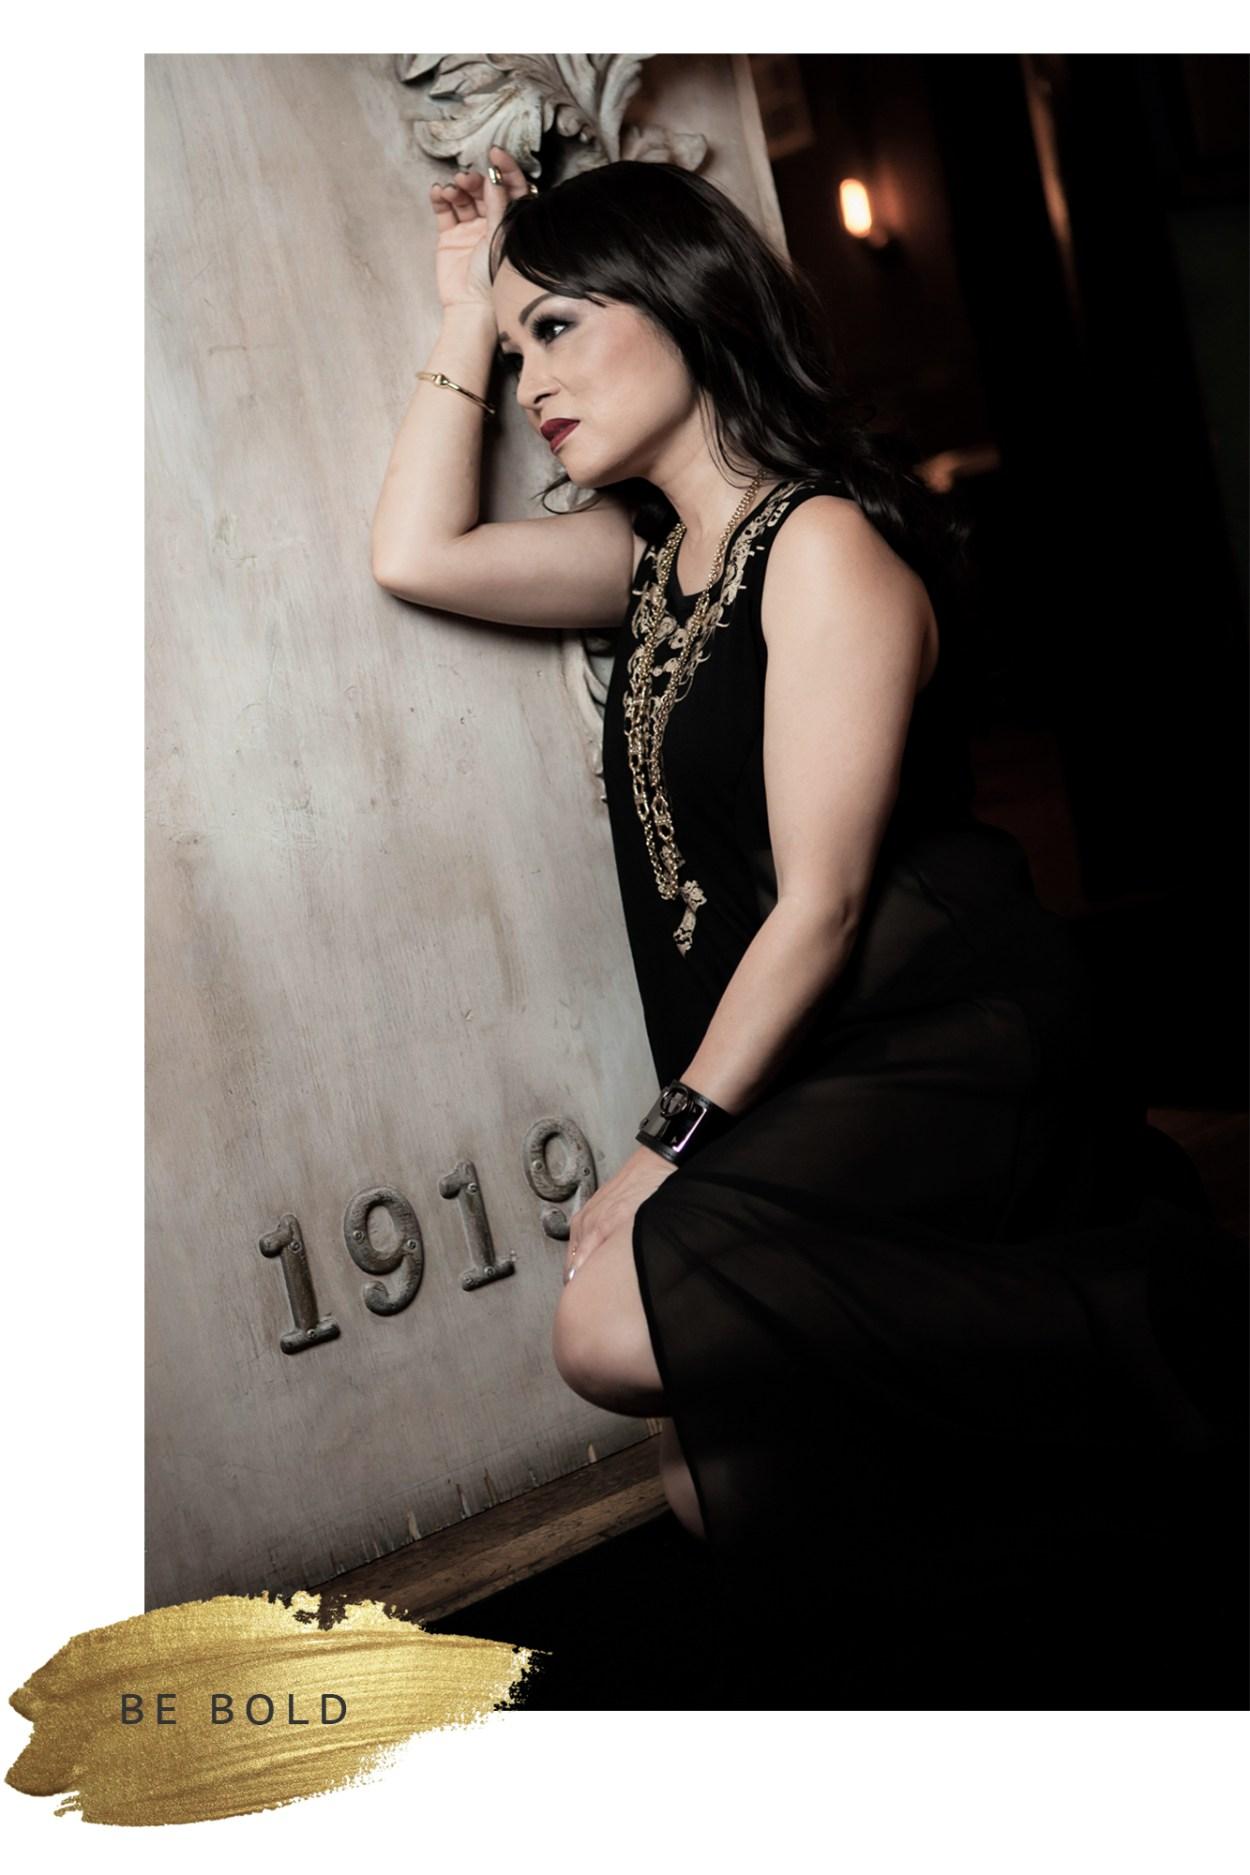 005-ElementsH-Lolita-JFashion-Fashion-Style-Victorian-Chic-Trend